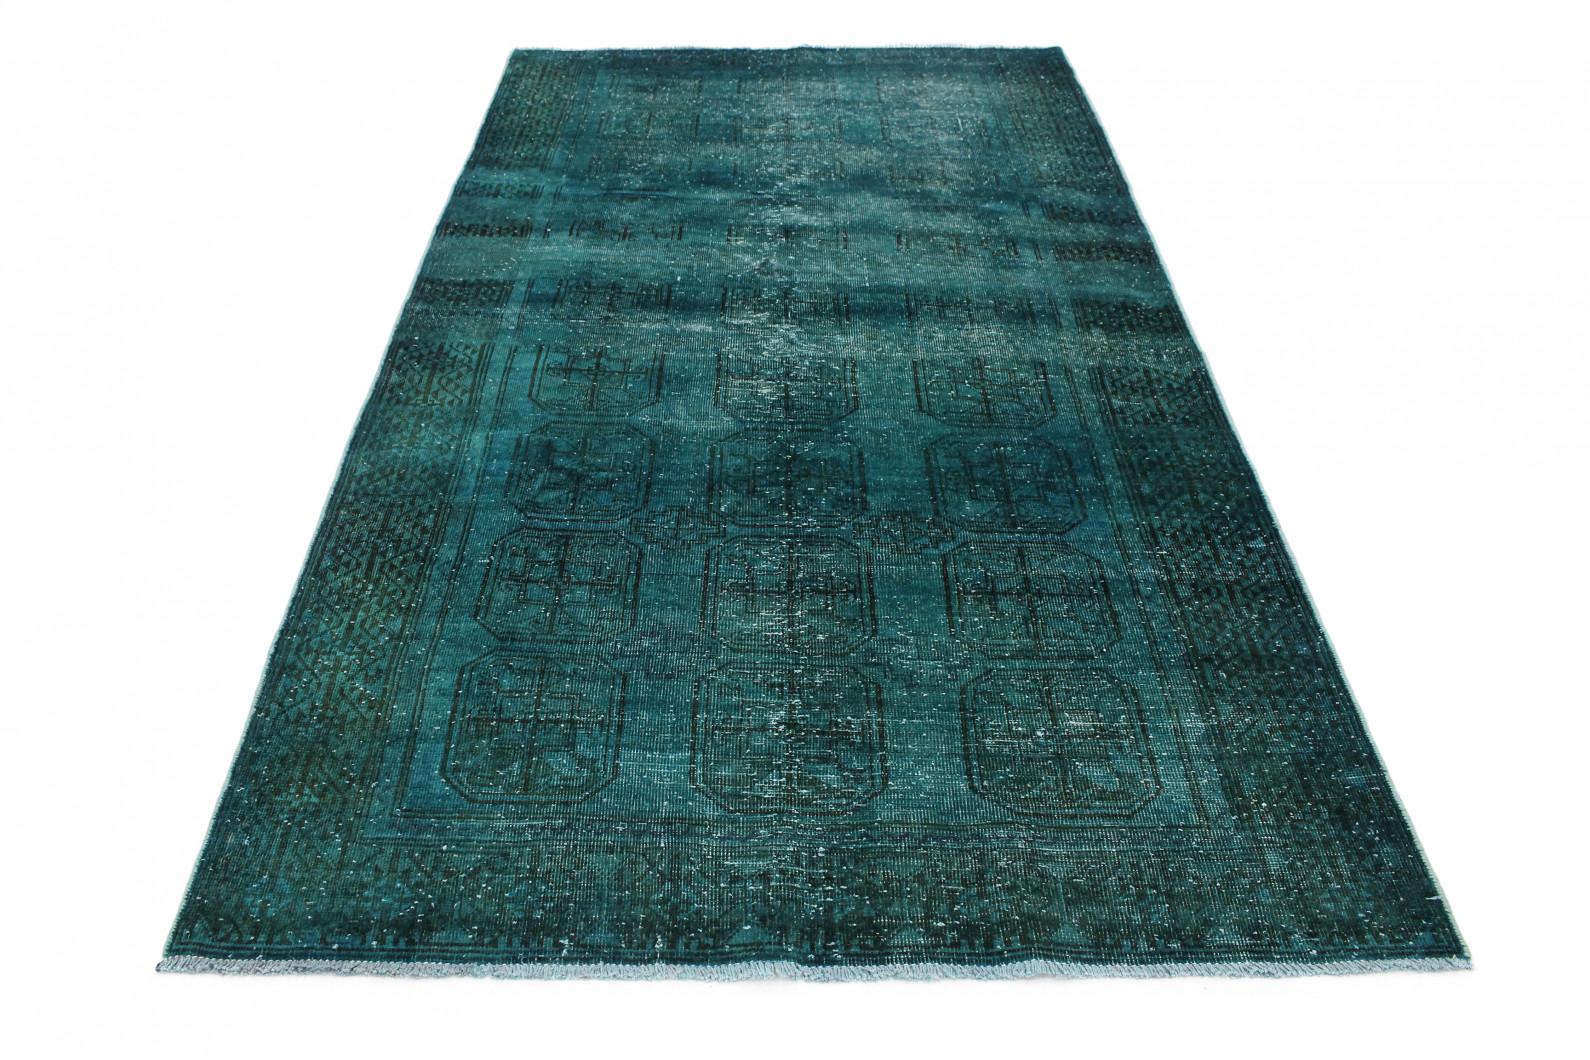 Vintage Teppich Türkis in 270x150 (1 / 3)